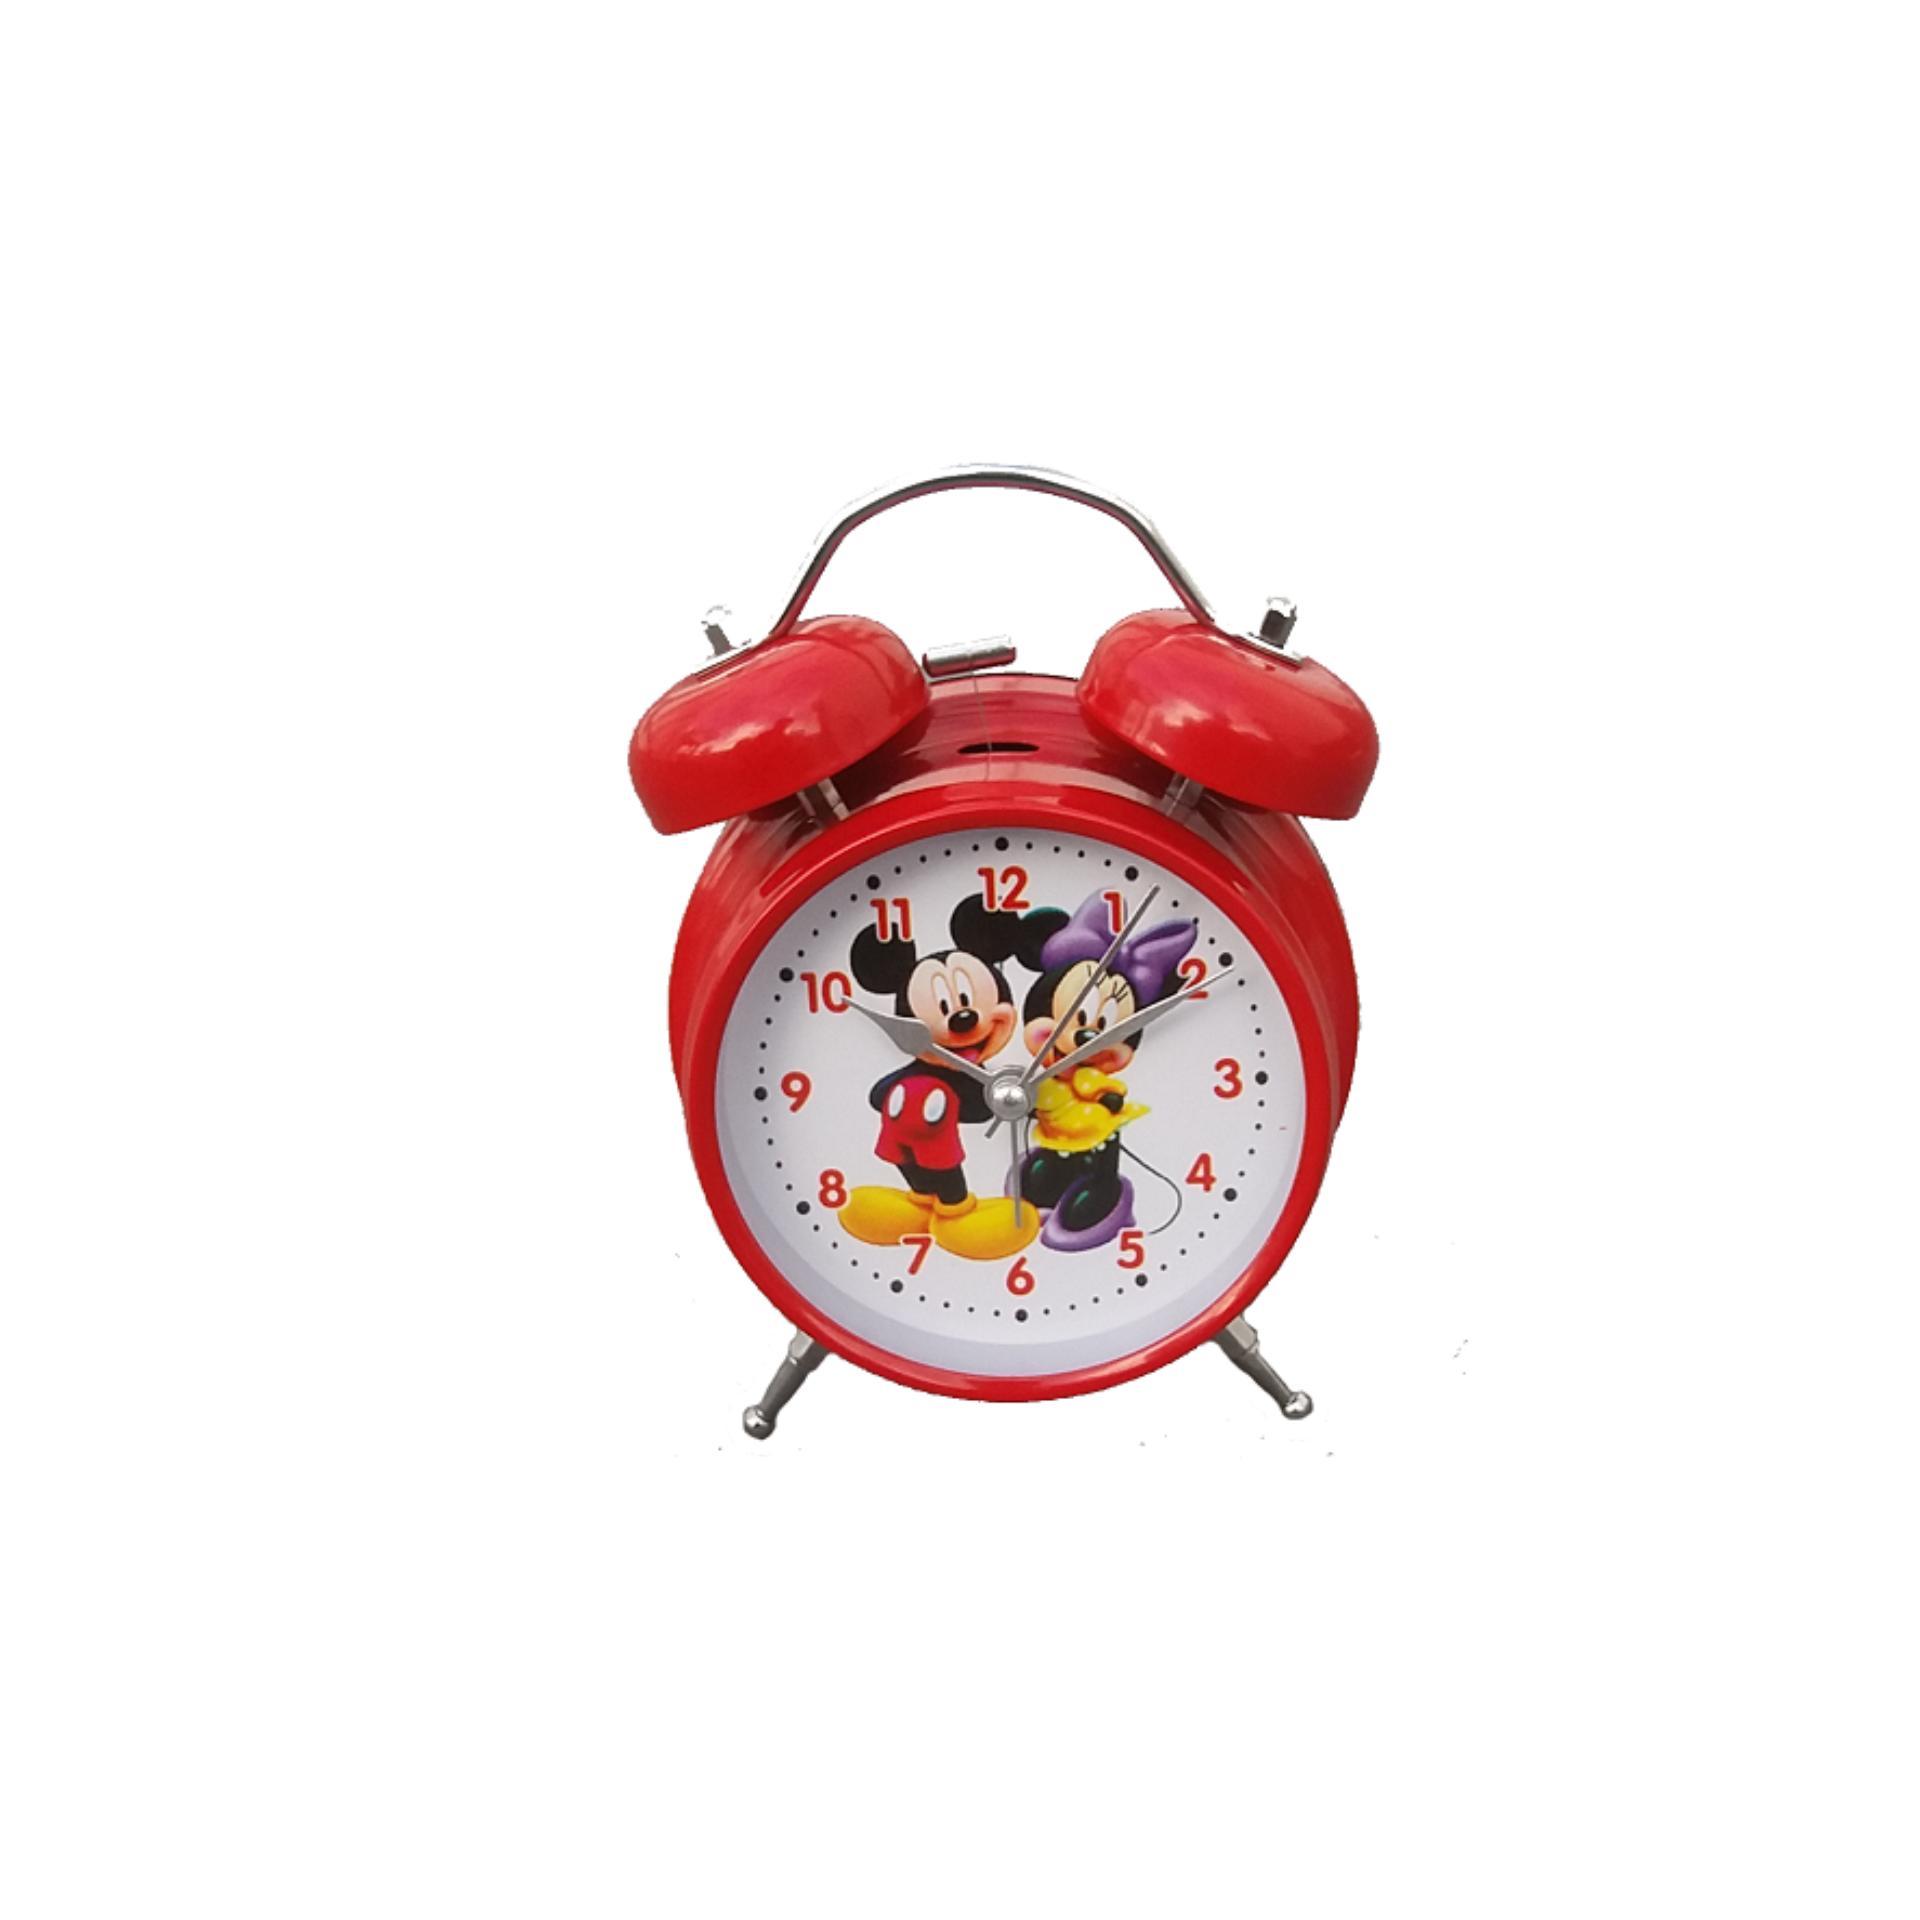 Diskon Jam Weker P 6040 Karakter Mikey Mouse Branded